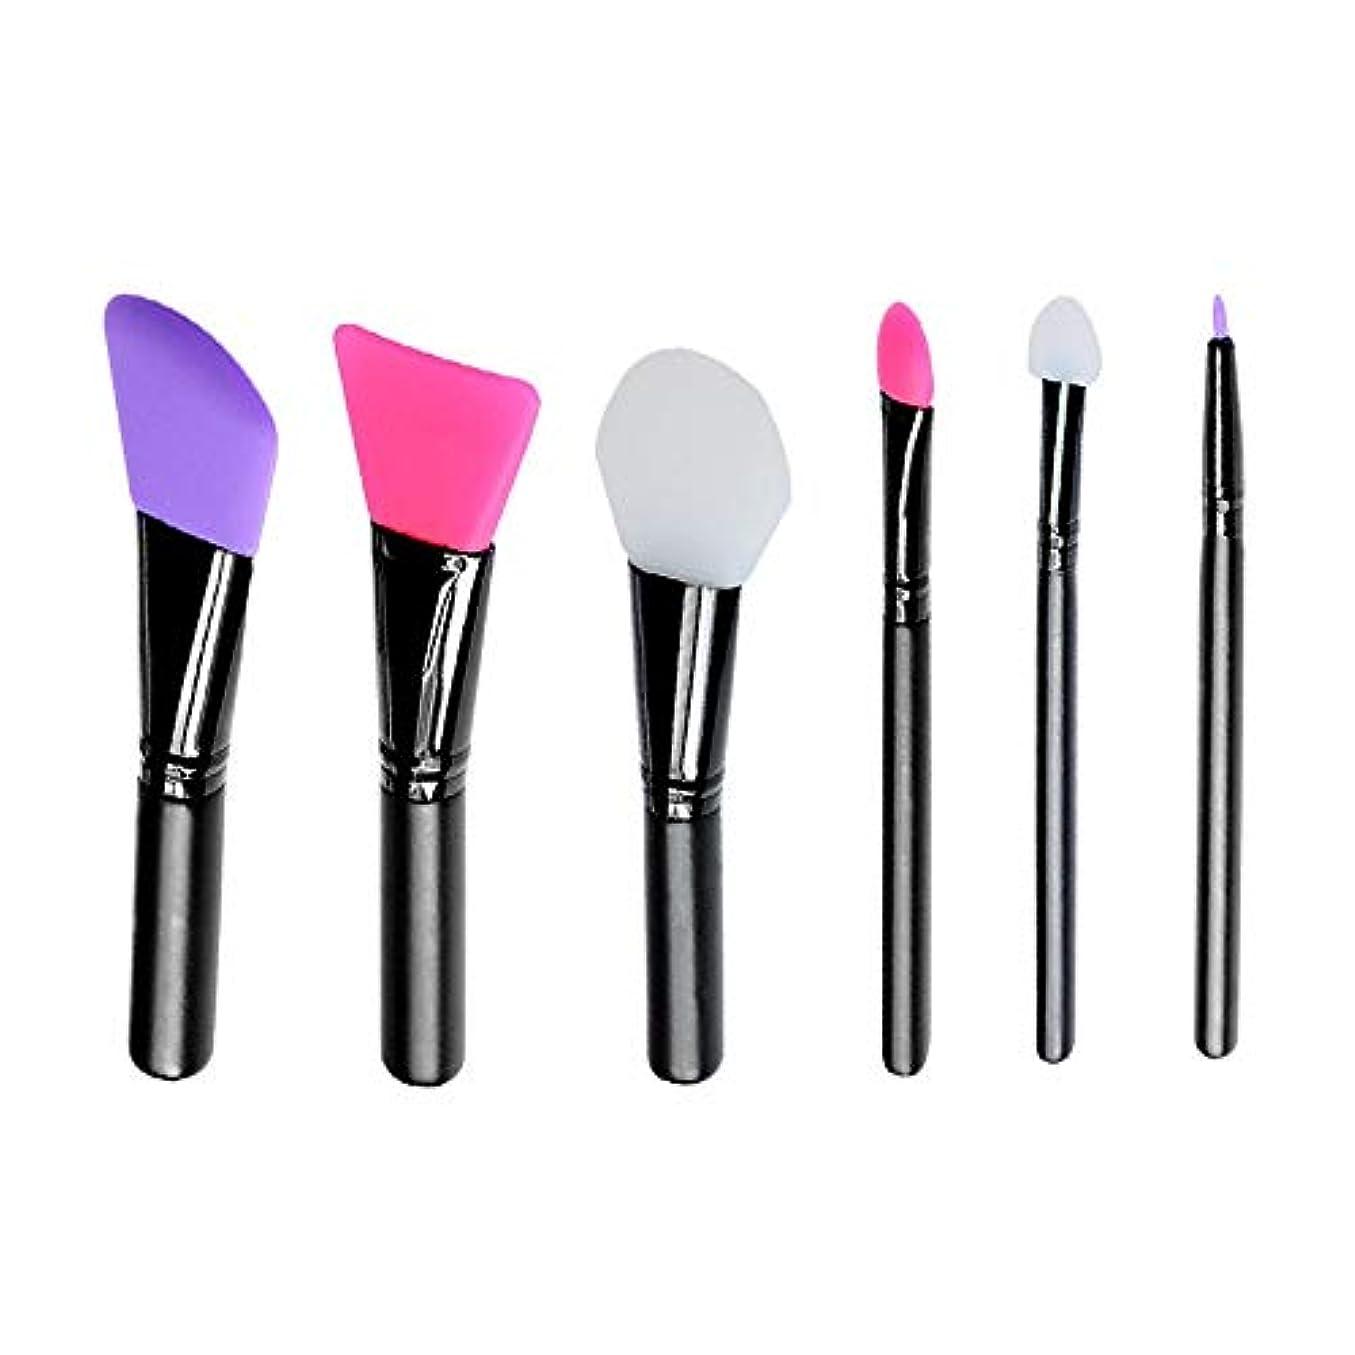 取り囲む弱い北極圏Makeup brushes カラーメイクアップ6シリコーン混合マスクブラシ suits (Color : Black)